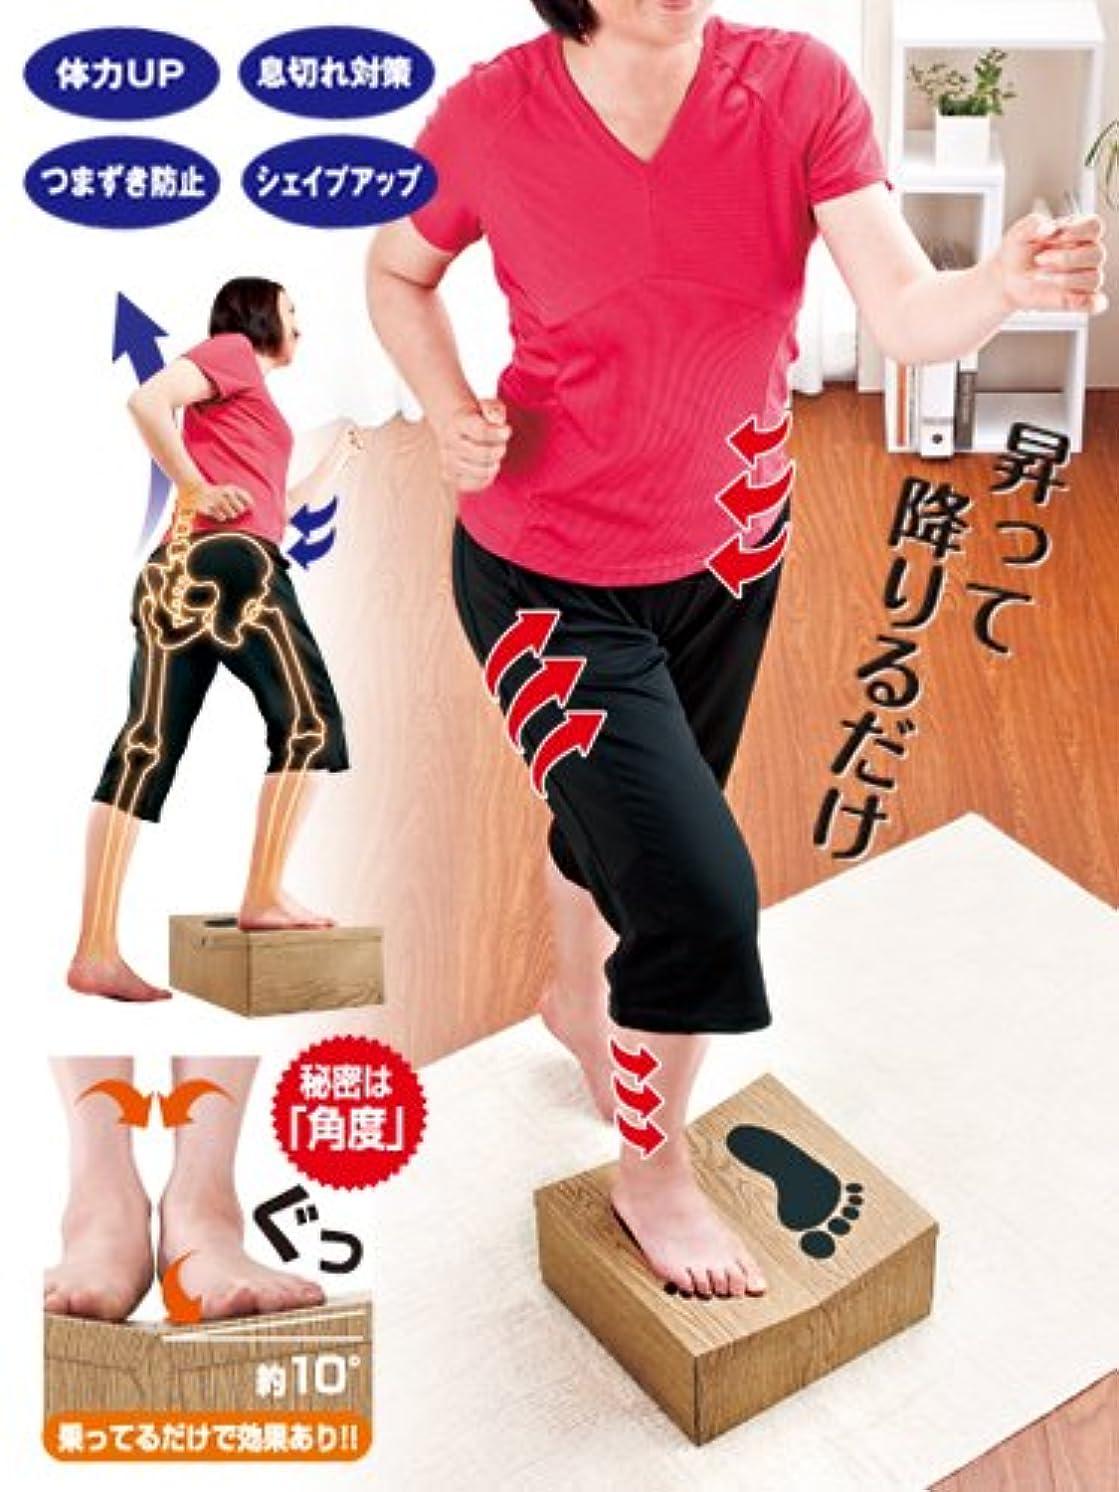 苛性批判ウールどこでもエクササイズフミッパー 踏み台運動 フミッパー ステップ運動 踏み台 ステップ体操 上り下り運動 有酸素運動 つまずき防止 ダイエット器具 健康器具 リハビリ 踏み台昇降運動